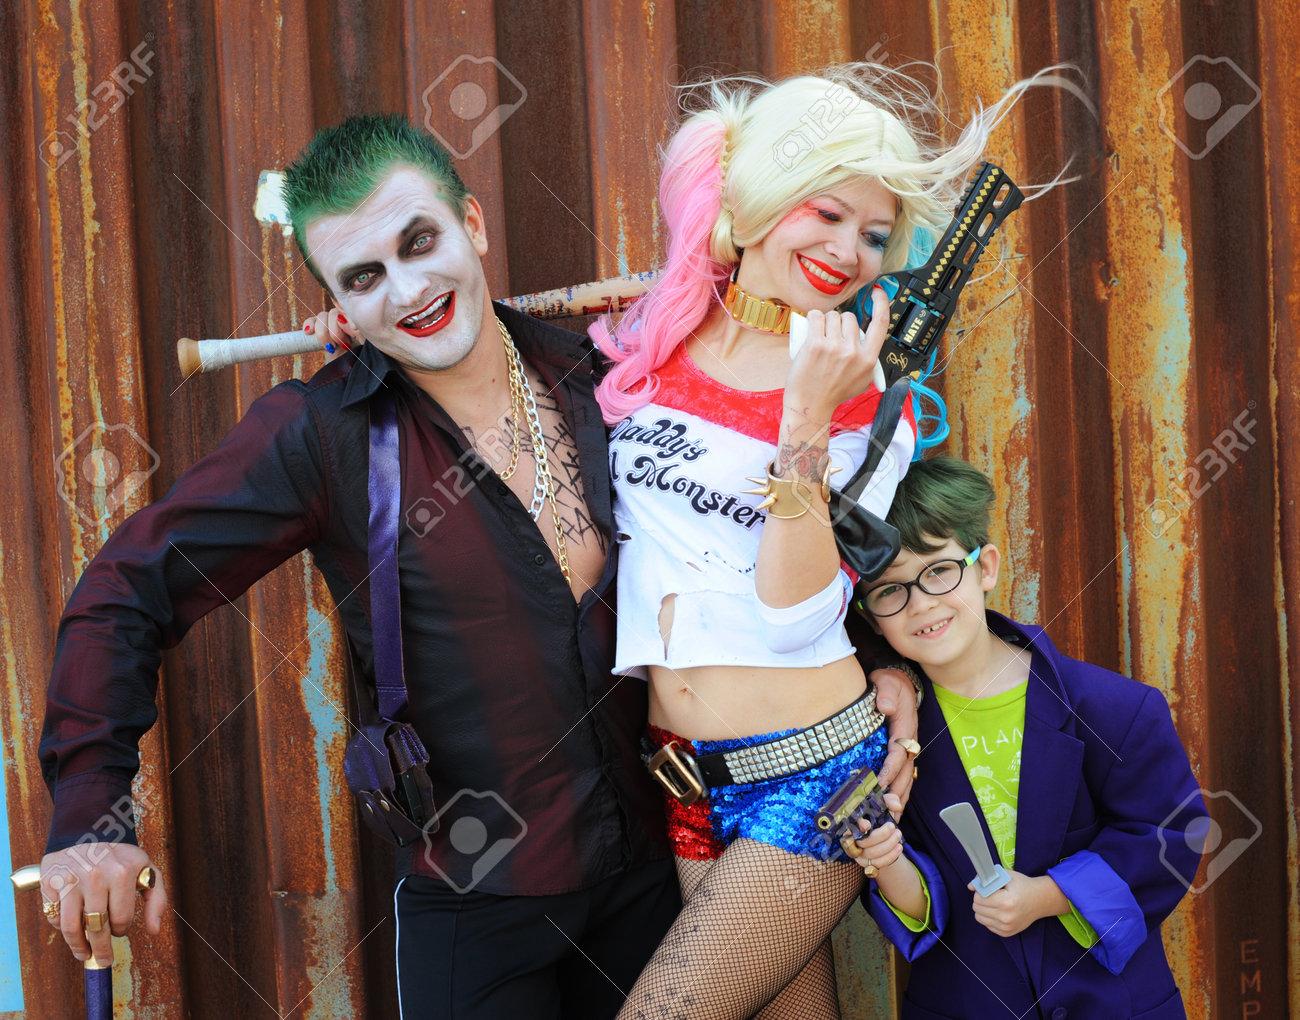 Halloween Joker And Harley Quinn Costumes.Cosplayer Girl In Harley Quinn Costume And Cosplayer Men In Joker